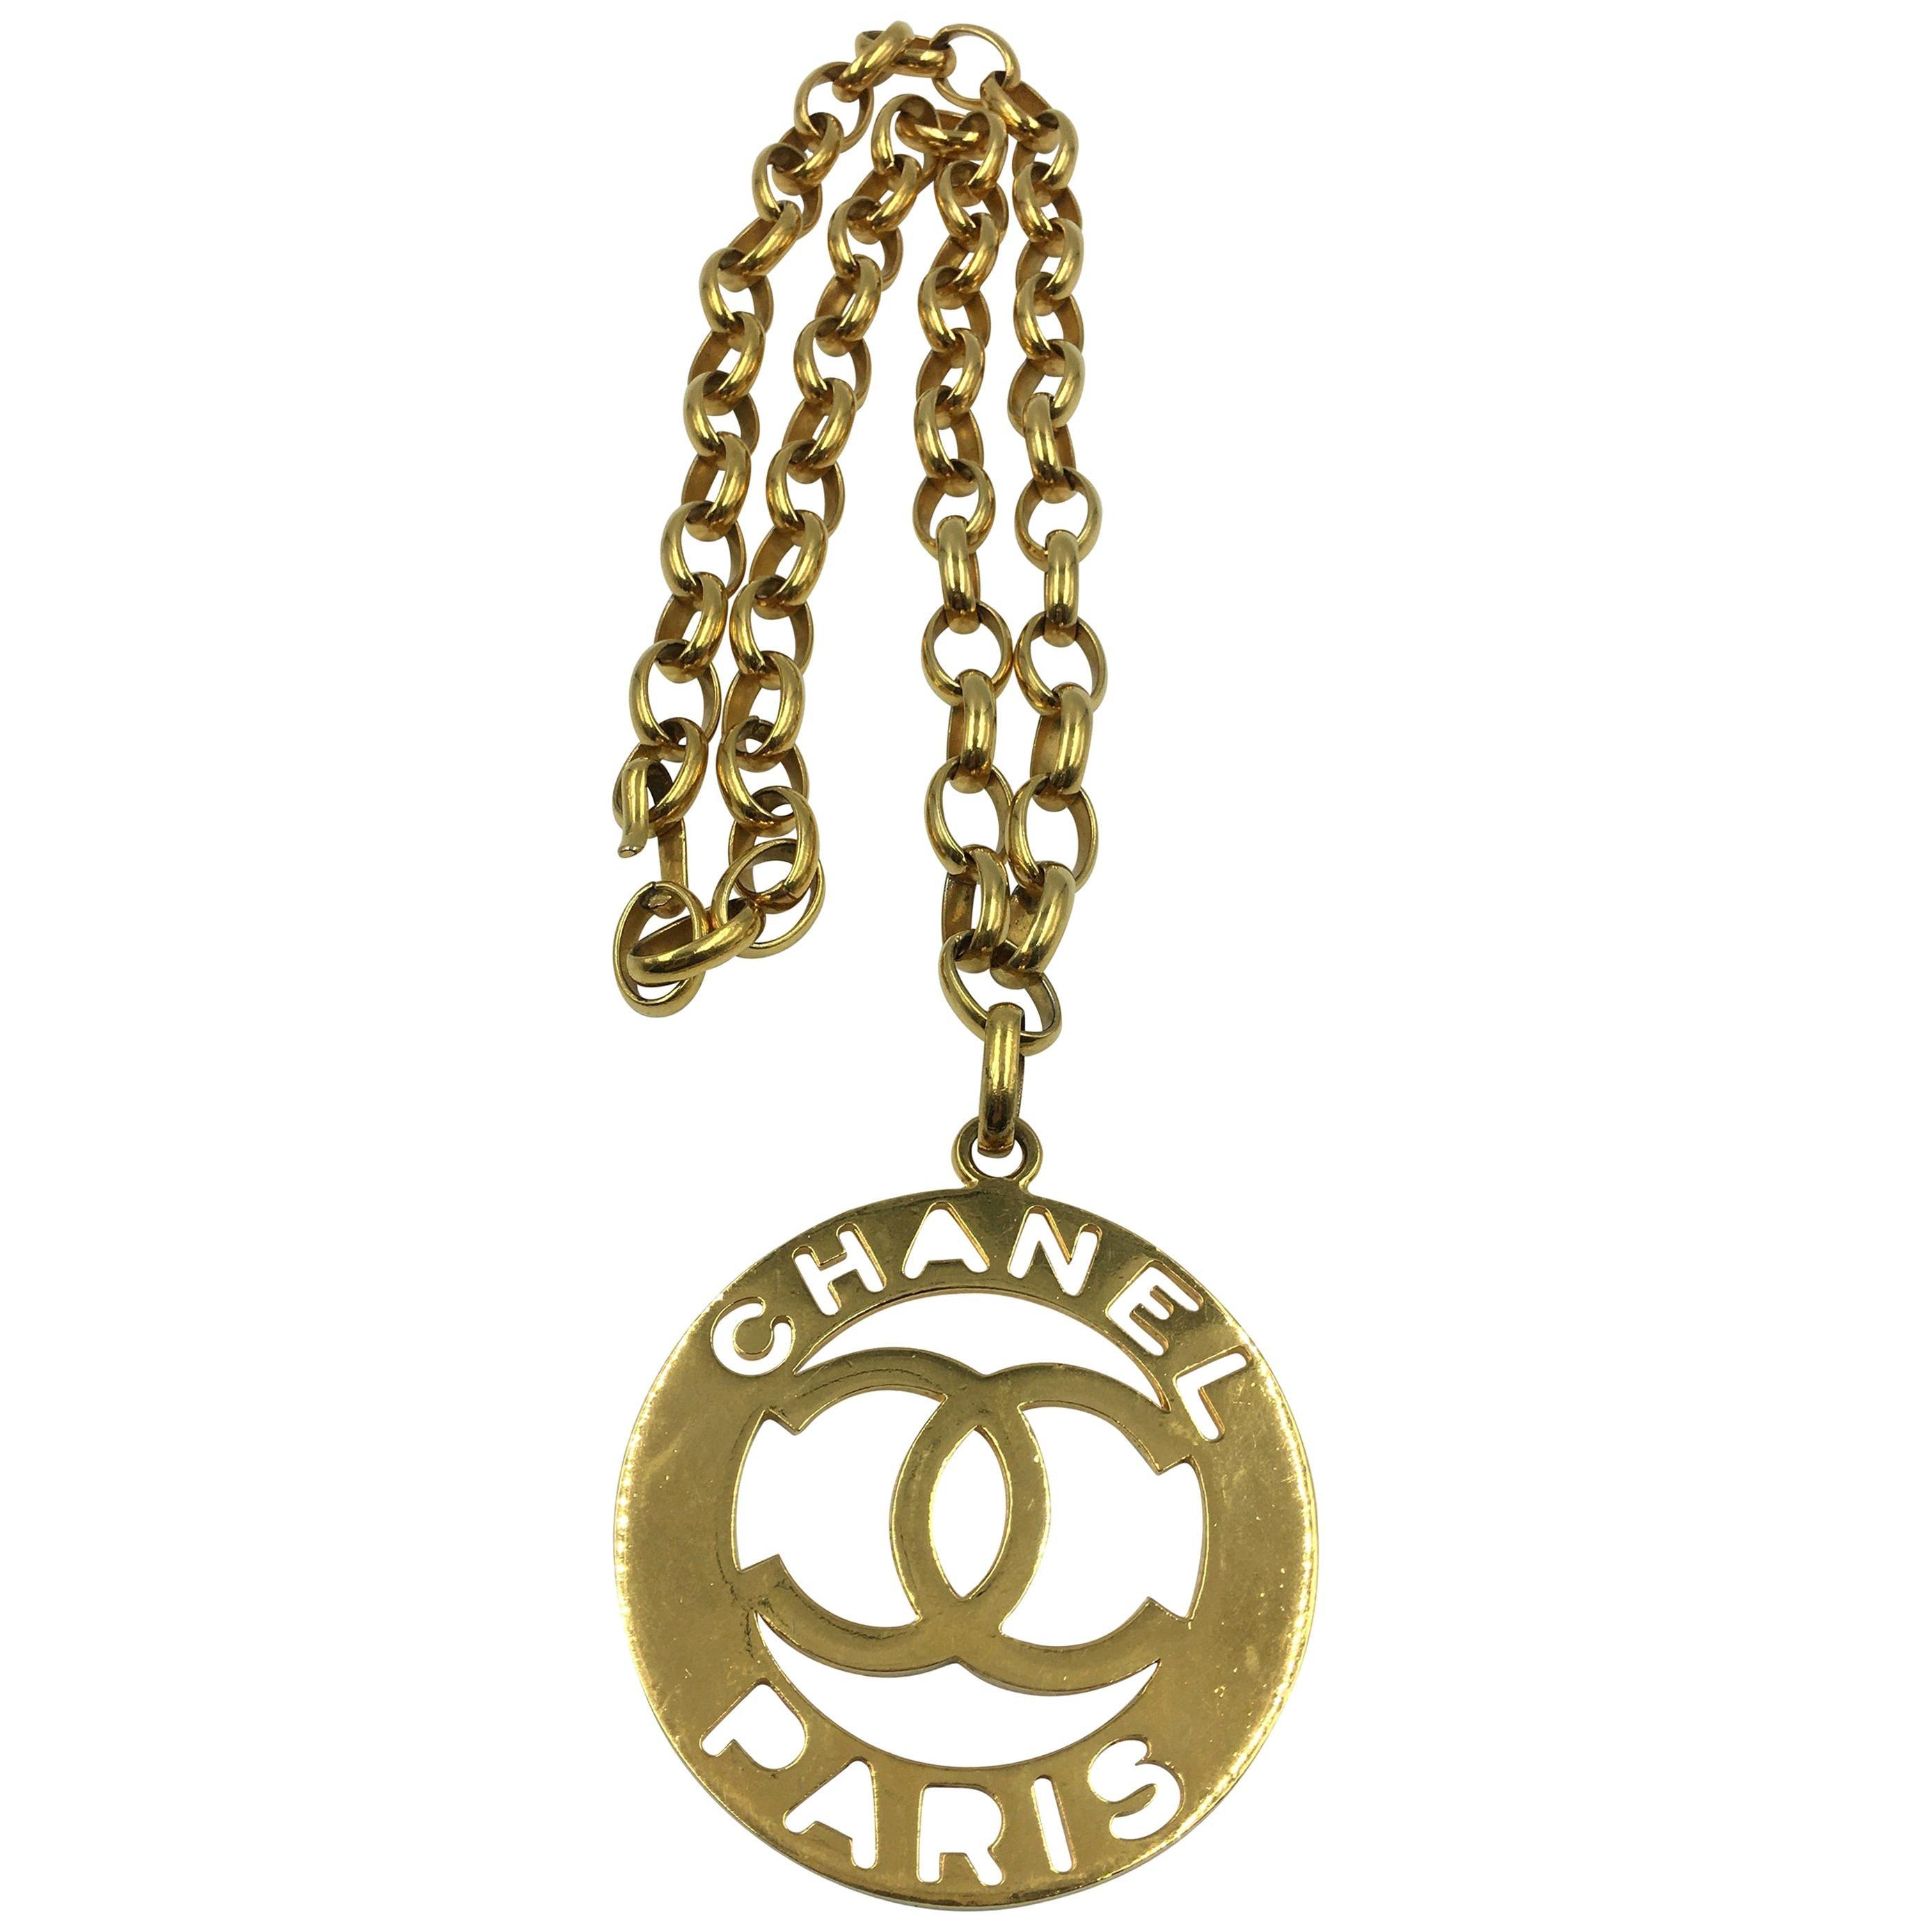 Large Gold Medallion 13 For Sale On 1stdibs